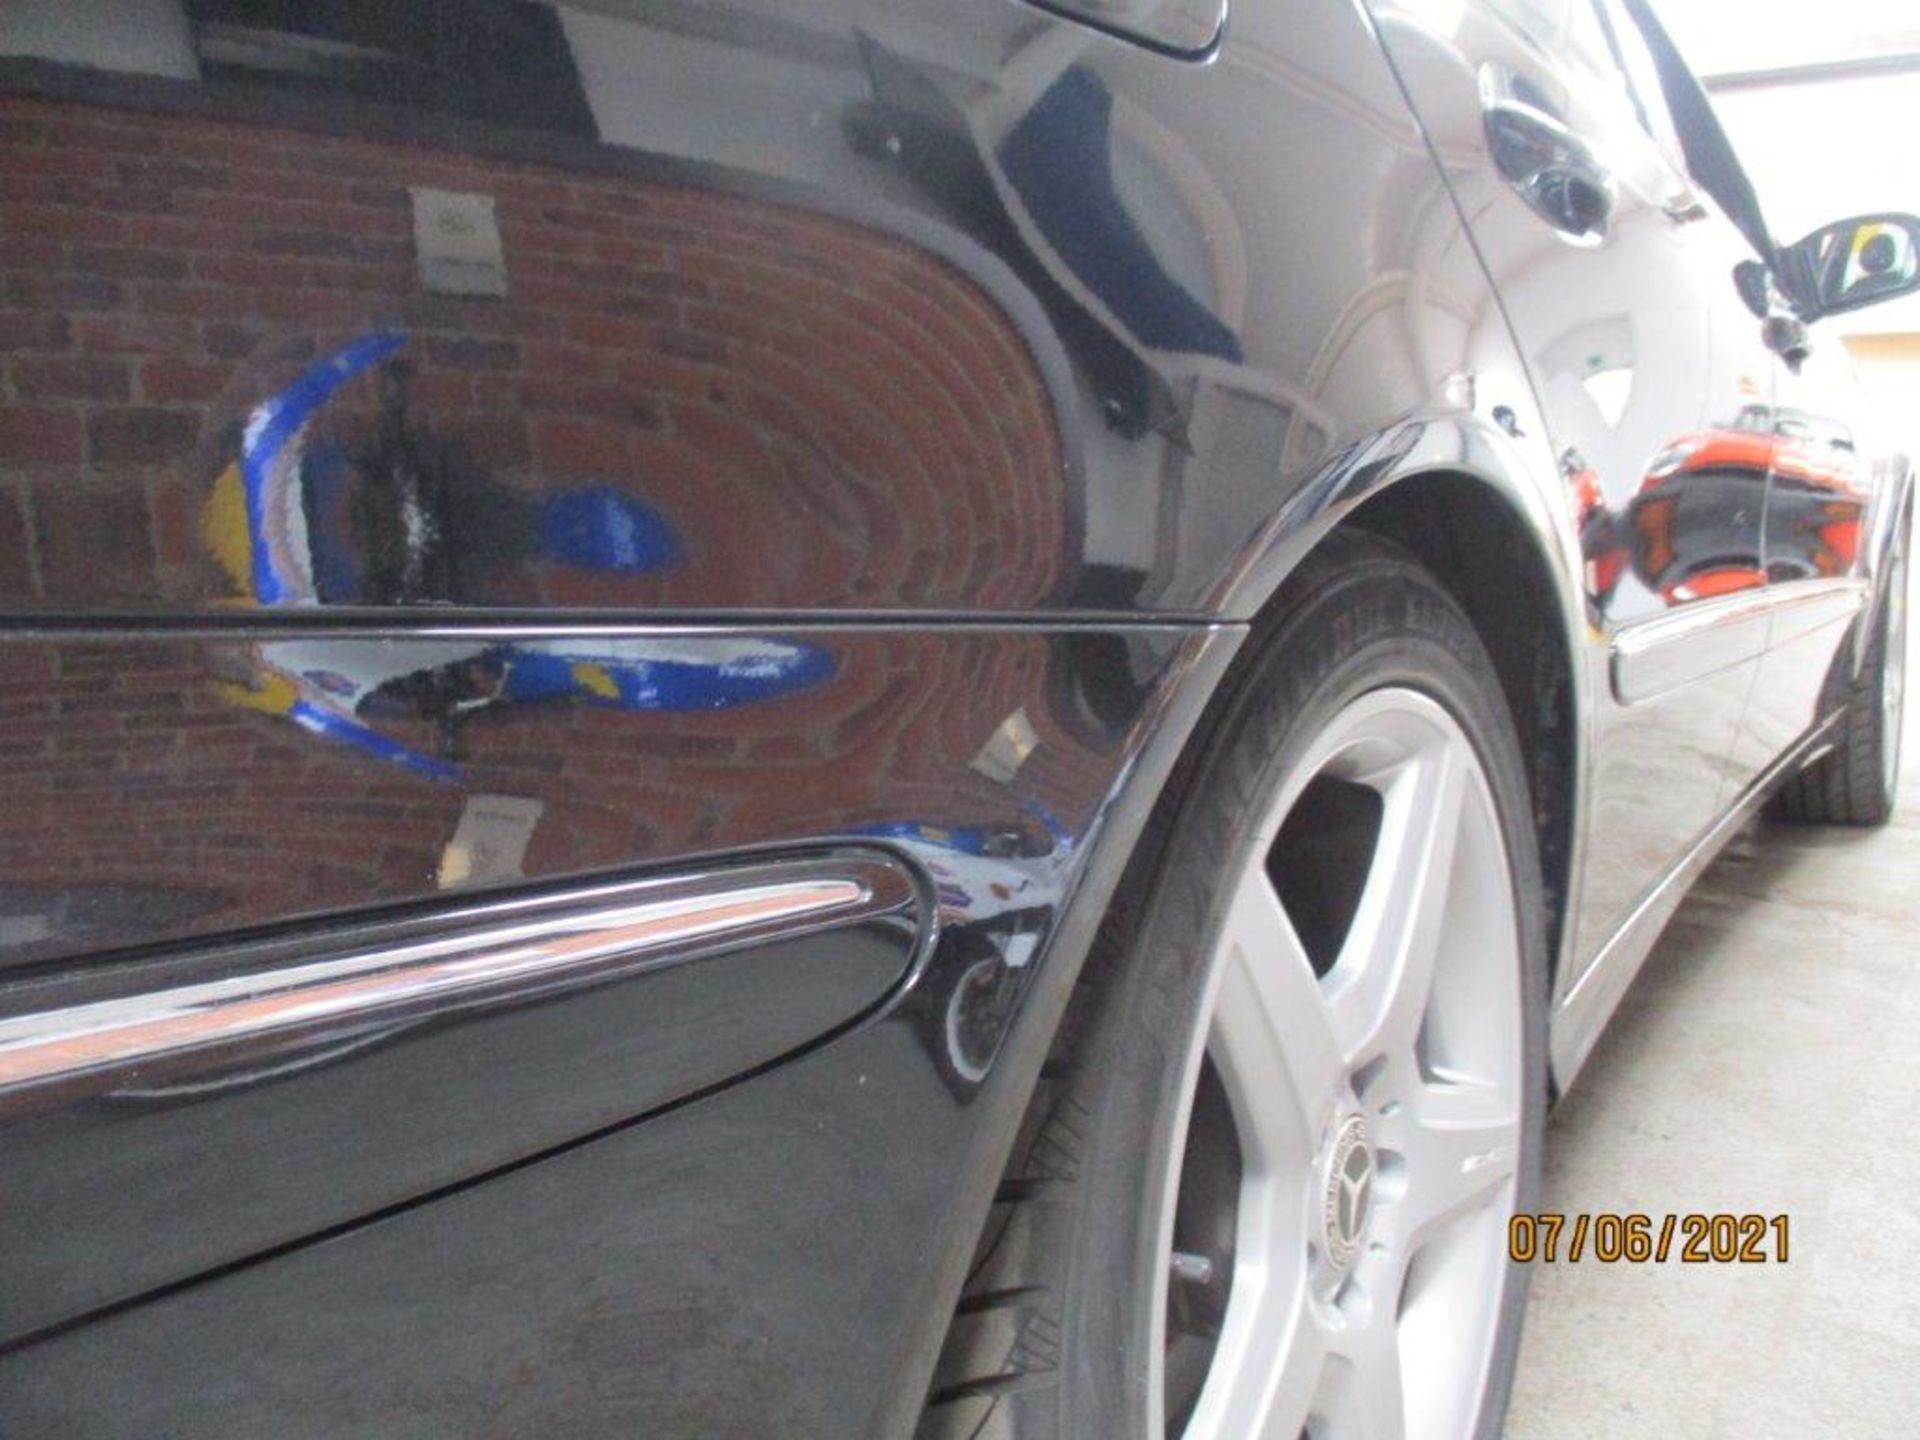 55 05 Mercedes E320 CDI Avantagarde - Image 9 of 19